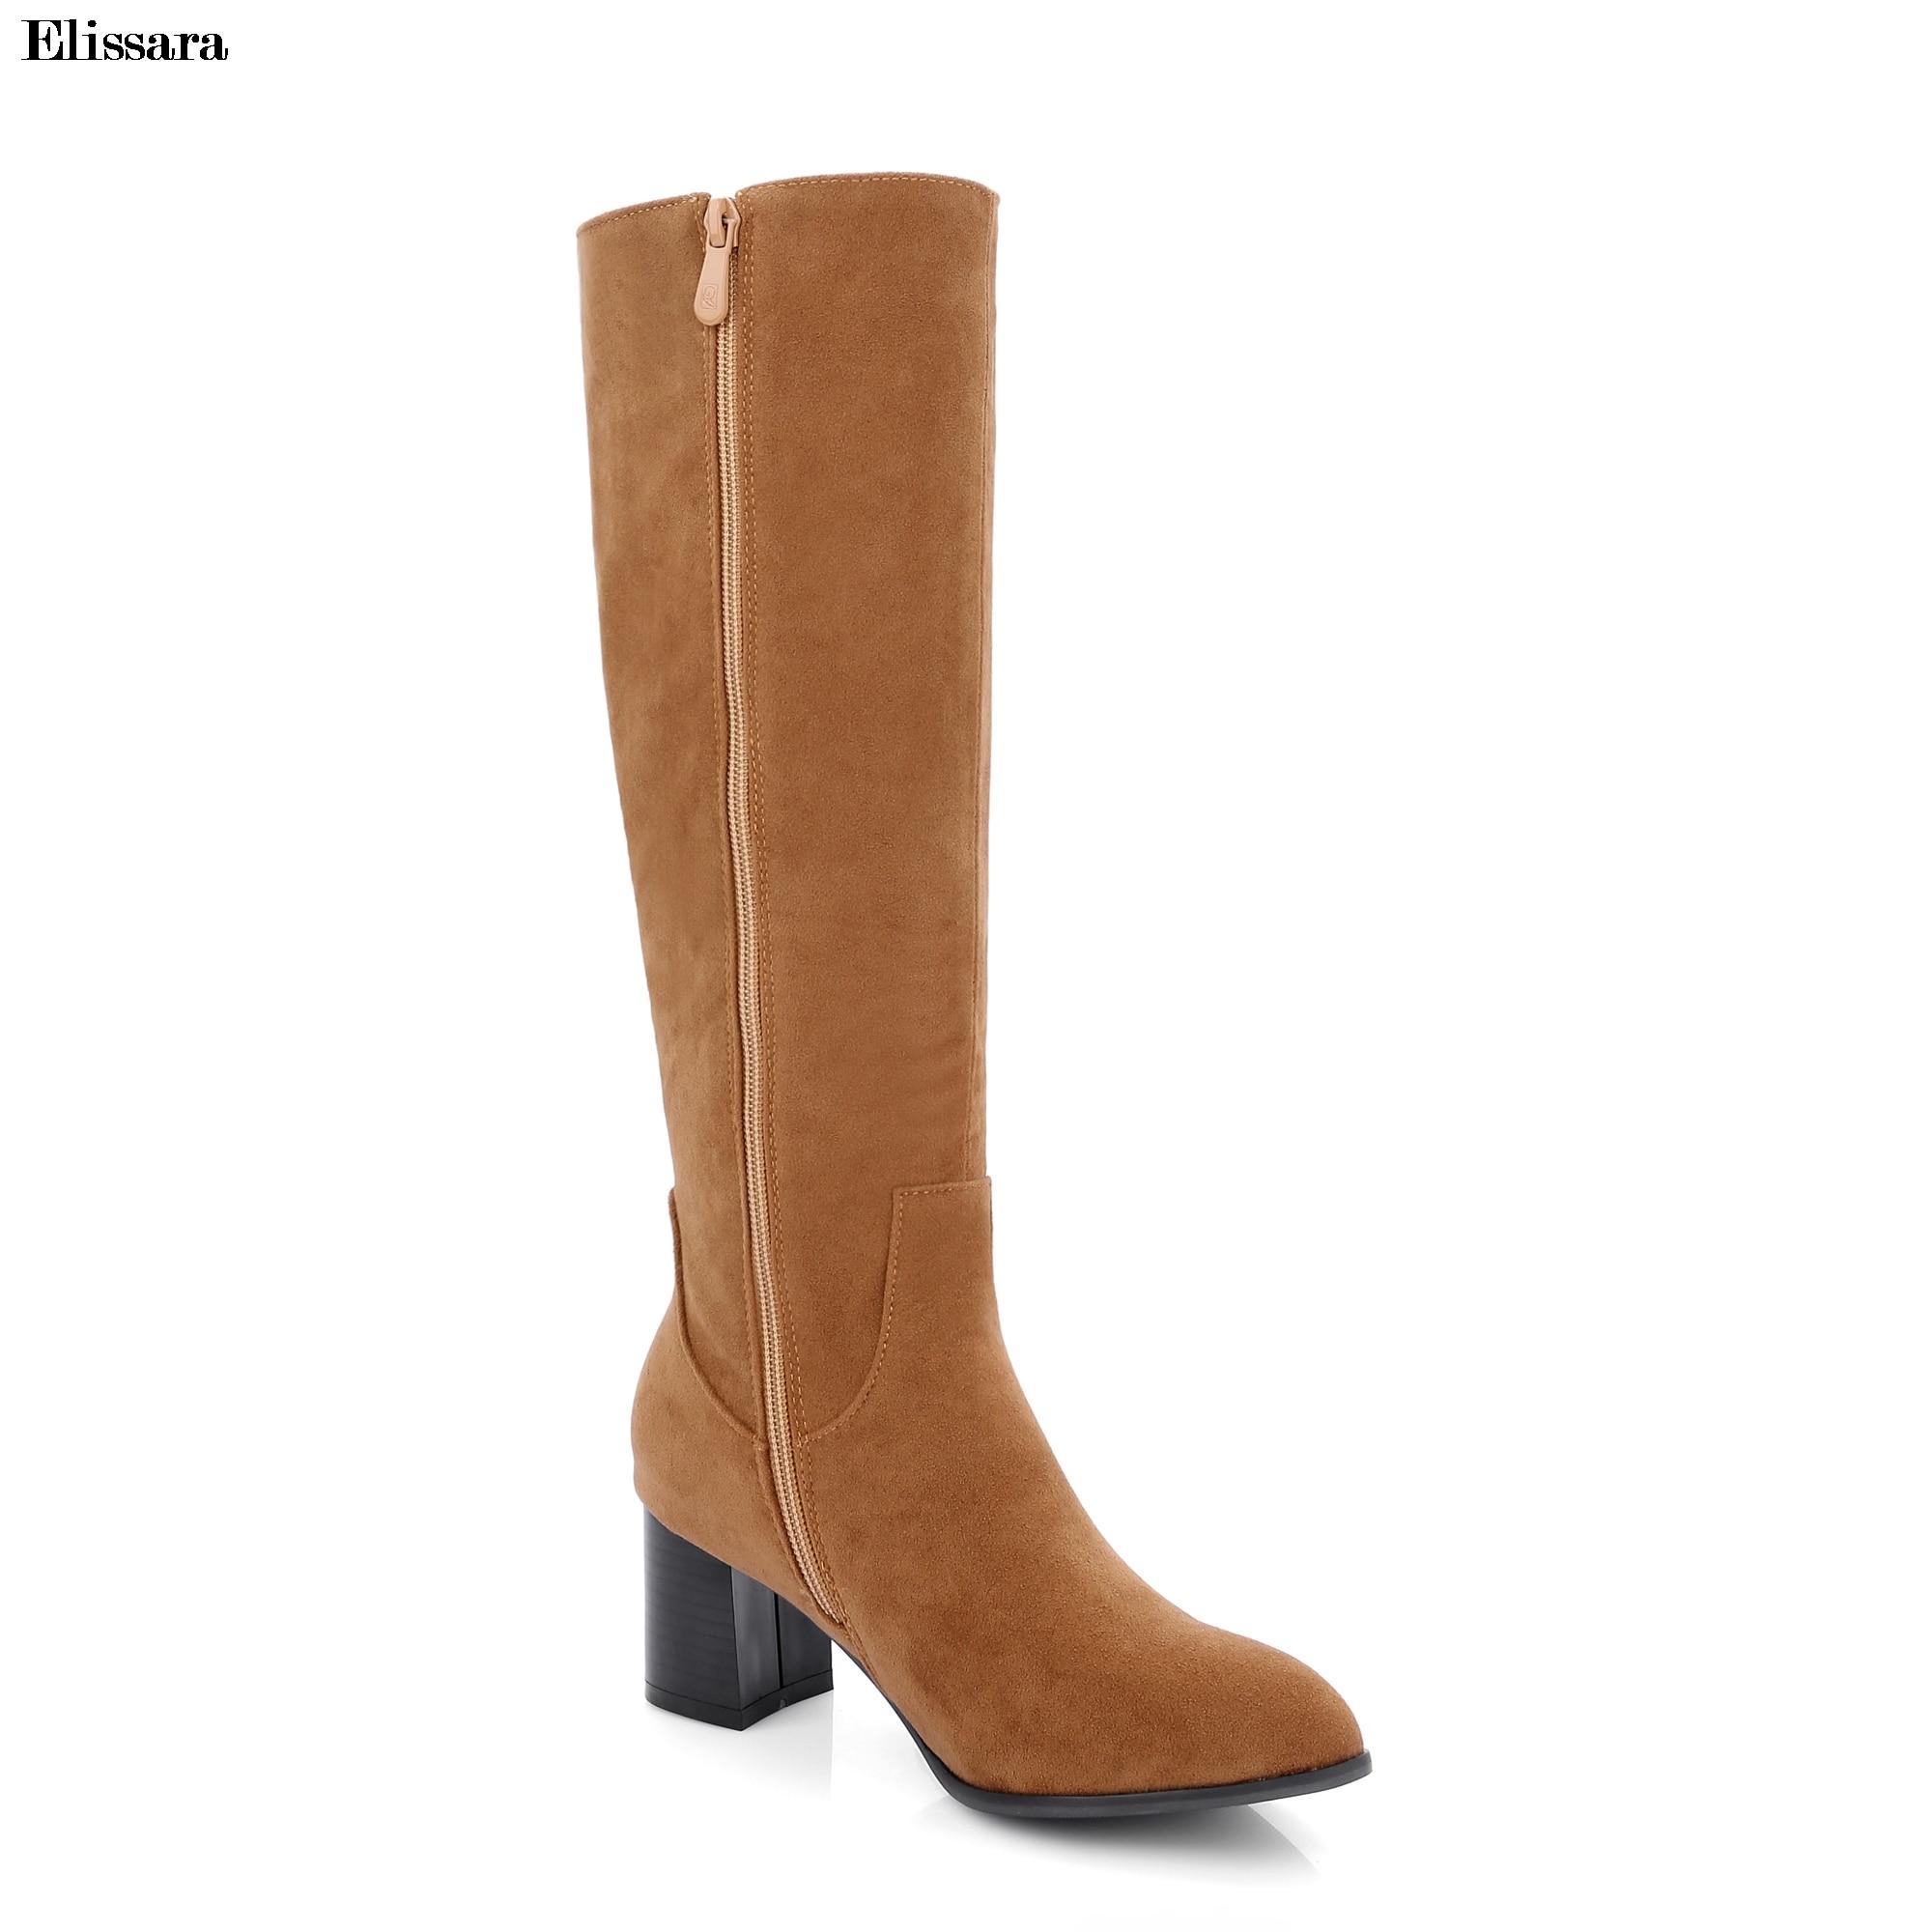 Negro Zapatos Faux Más Zip amarillo Las Rodilla gris 33 Elissara 45 Lana Suede Invierno Tamaño Botas De Mujeres CYtwvqZv